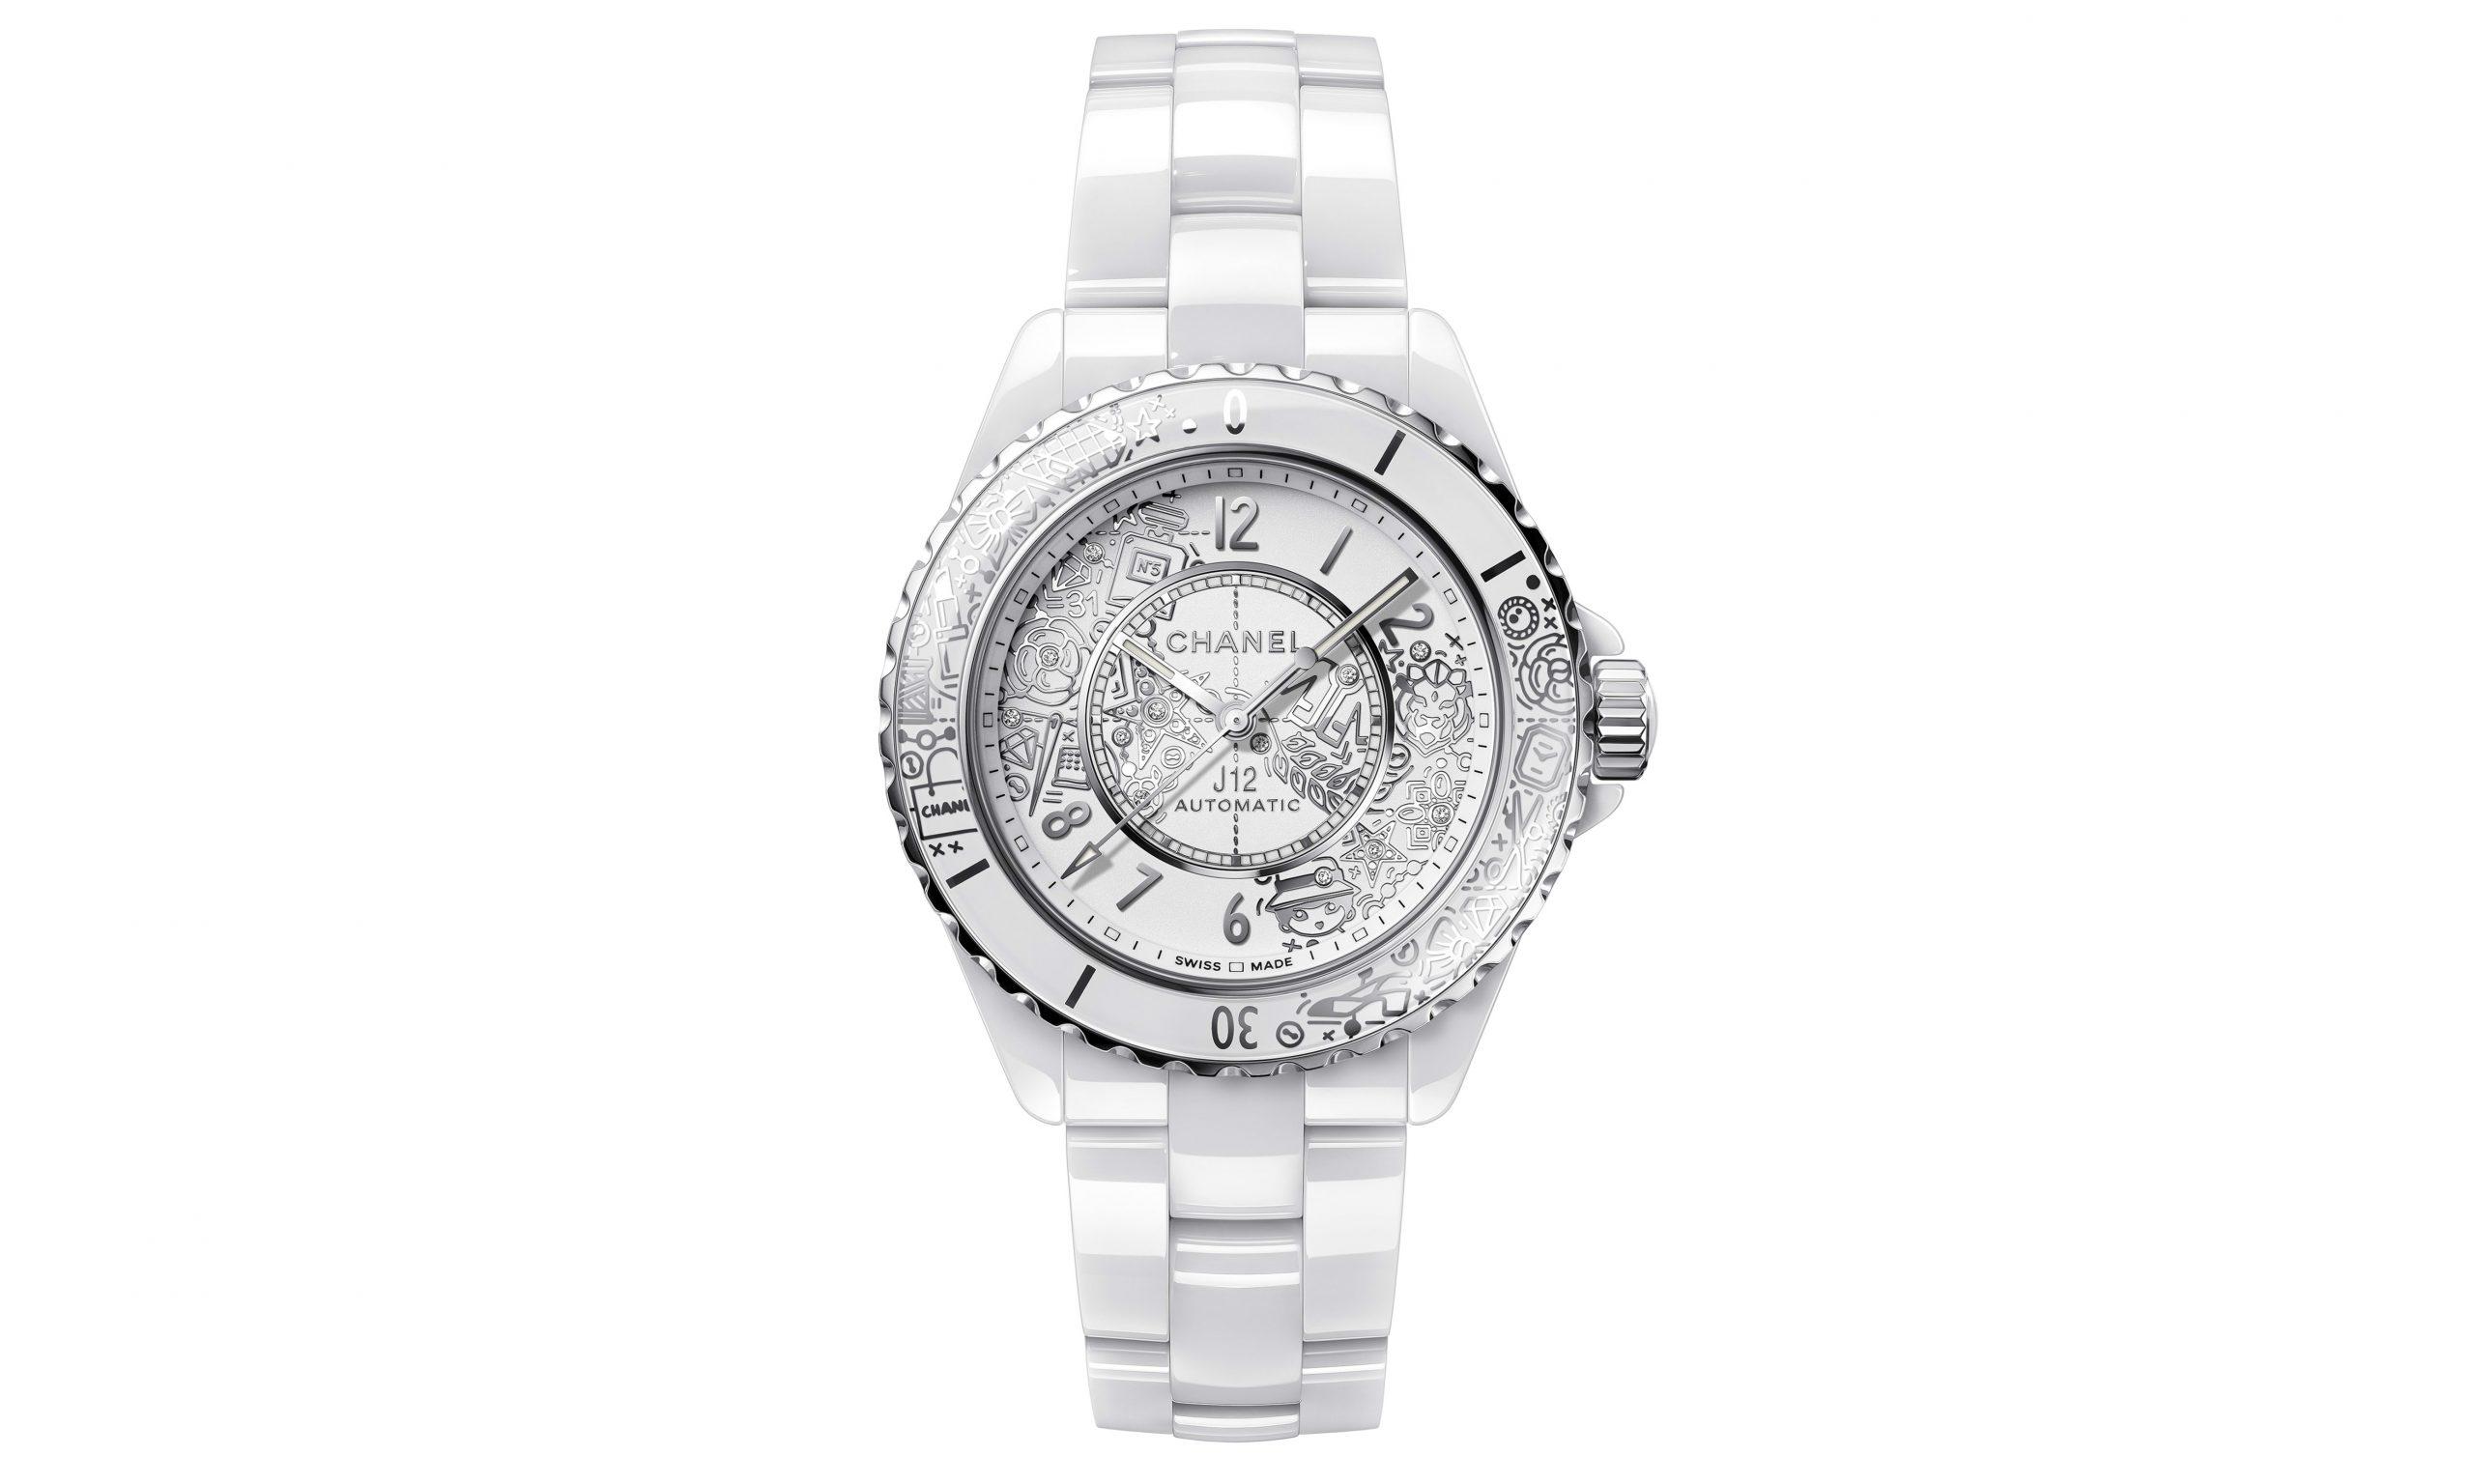 纪念 Chanel J12 面世 20 周年,品牌限量发行 2020 只腕表